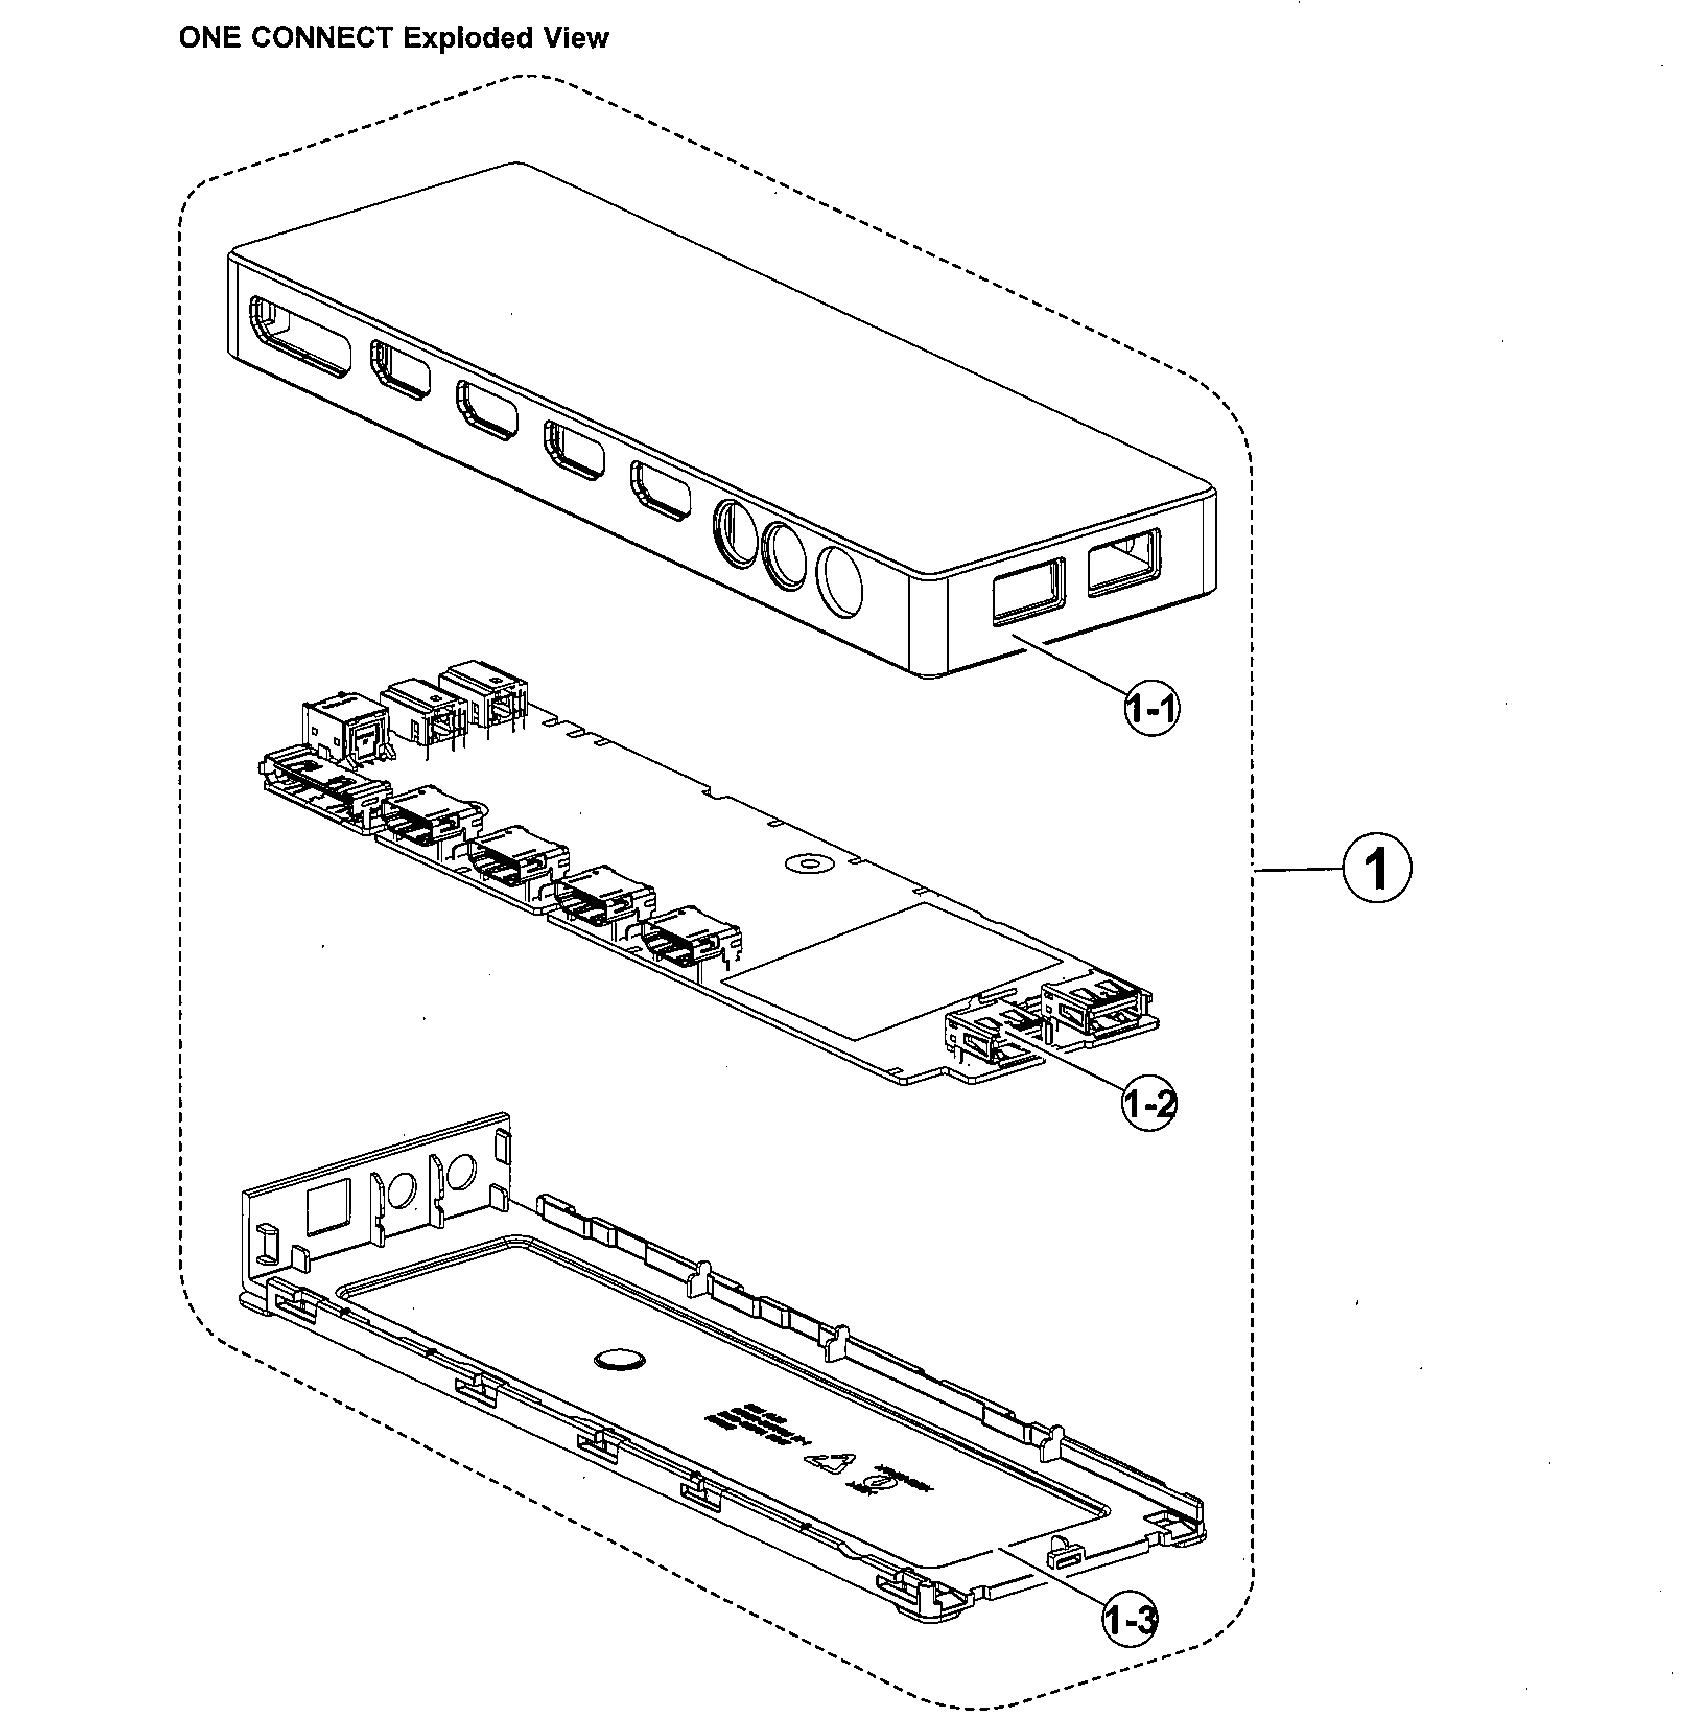 Samsung model UN65MU8000FXZA-AA02 lcd television genuine parts